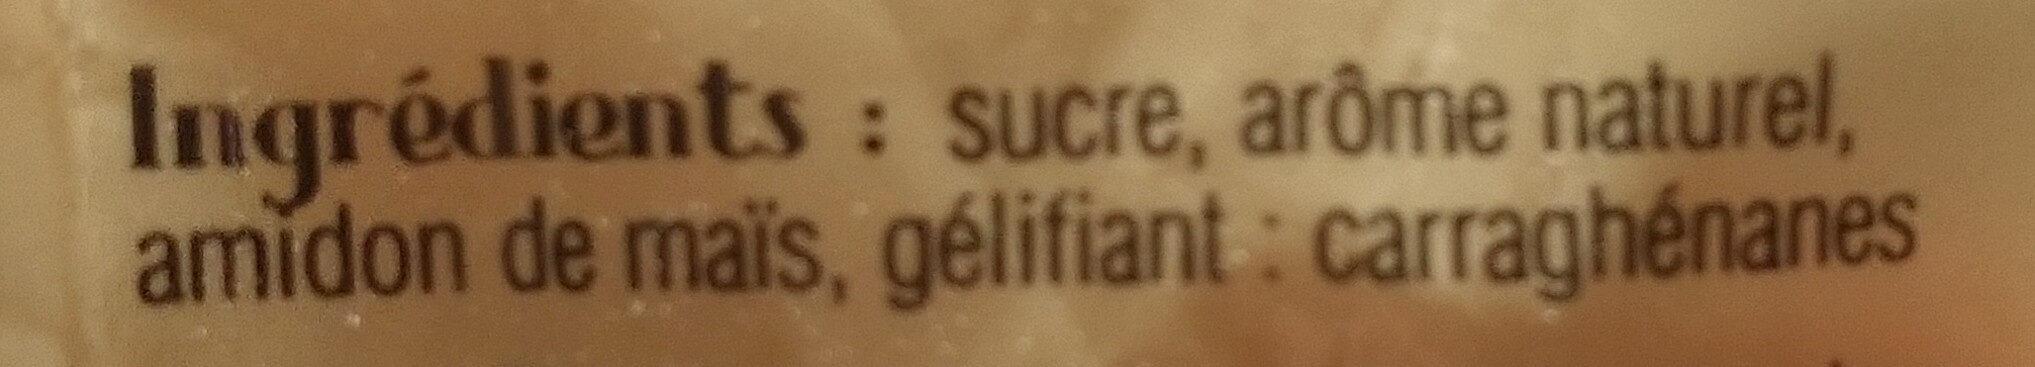 Préparation pour entremets saveur caramel au beurre salé - Ingredients - fr